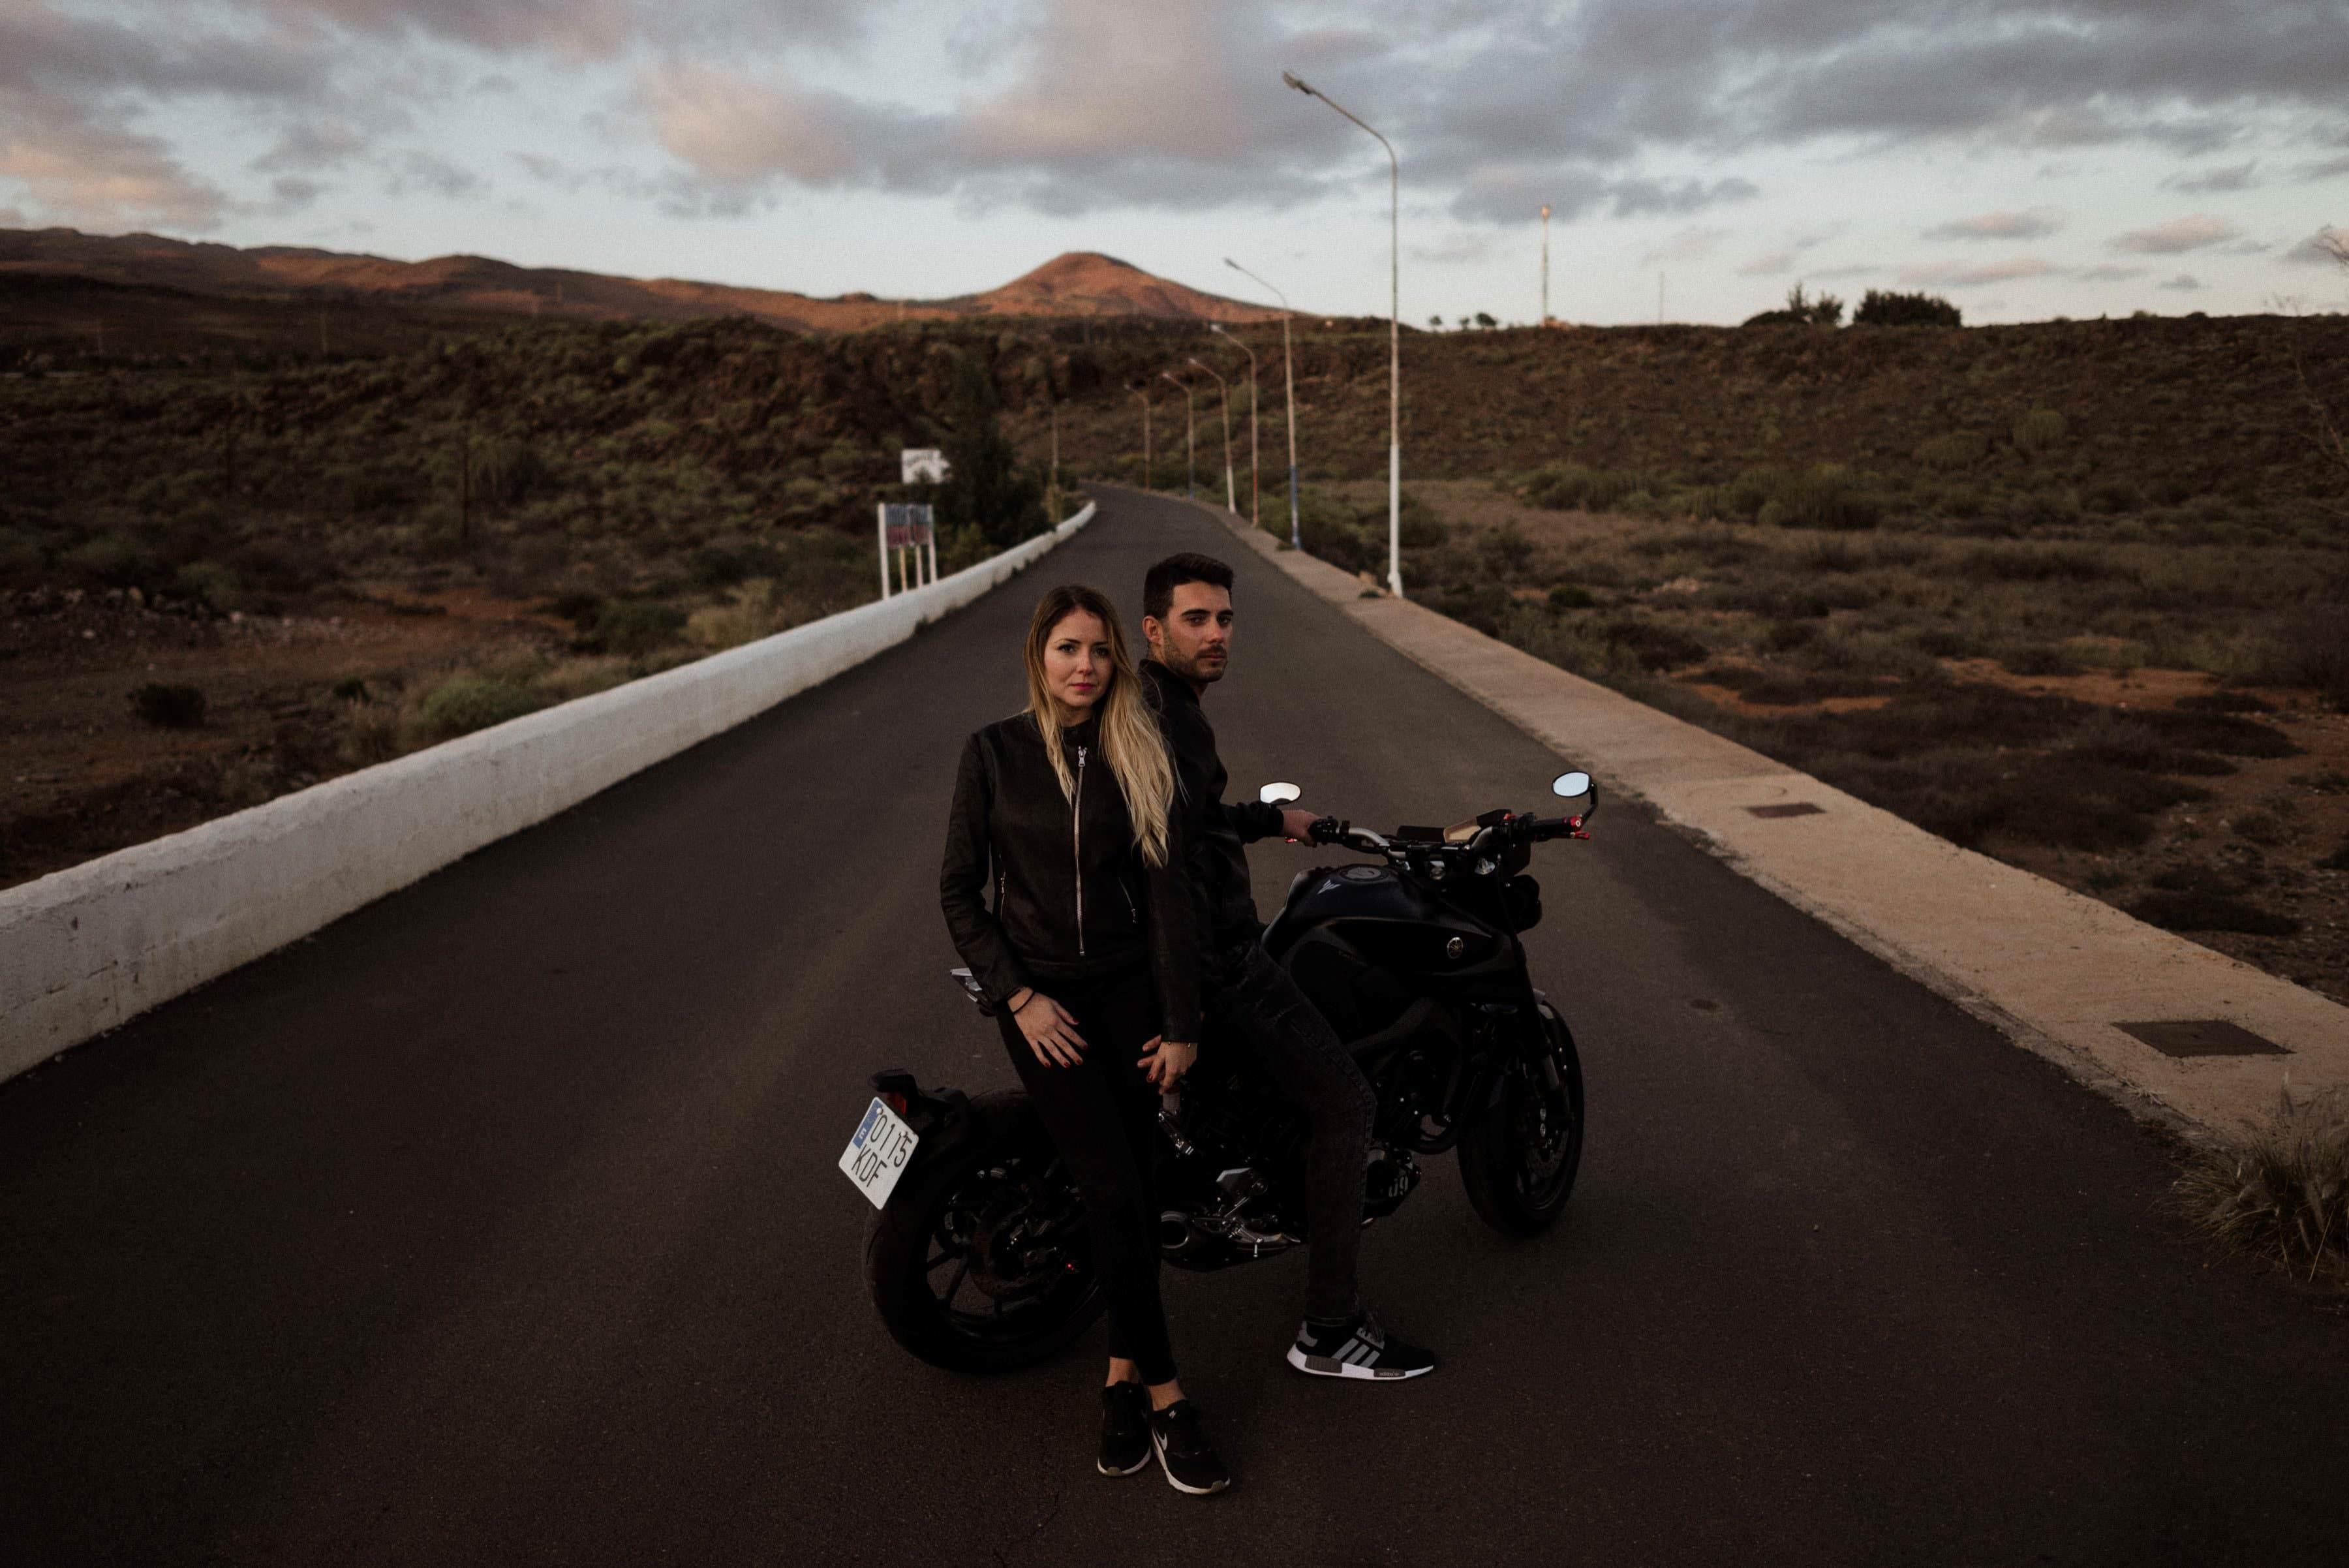 Fotos de pareja en moto en Gran Canaria. Motos Yamaha Las Palmas. Pareja en moto. Sioux city. Carreteras Gran Canaria. Retratos de pareja. Book de fotos. Estefanía Grimaldos y Fabio González